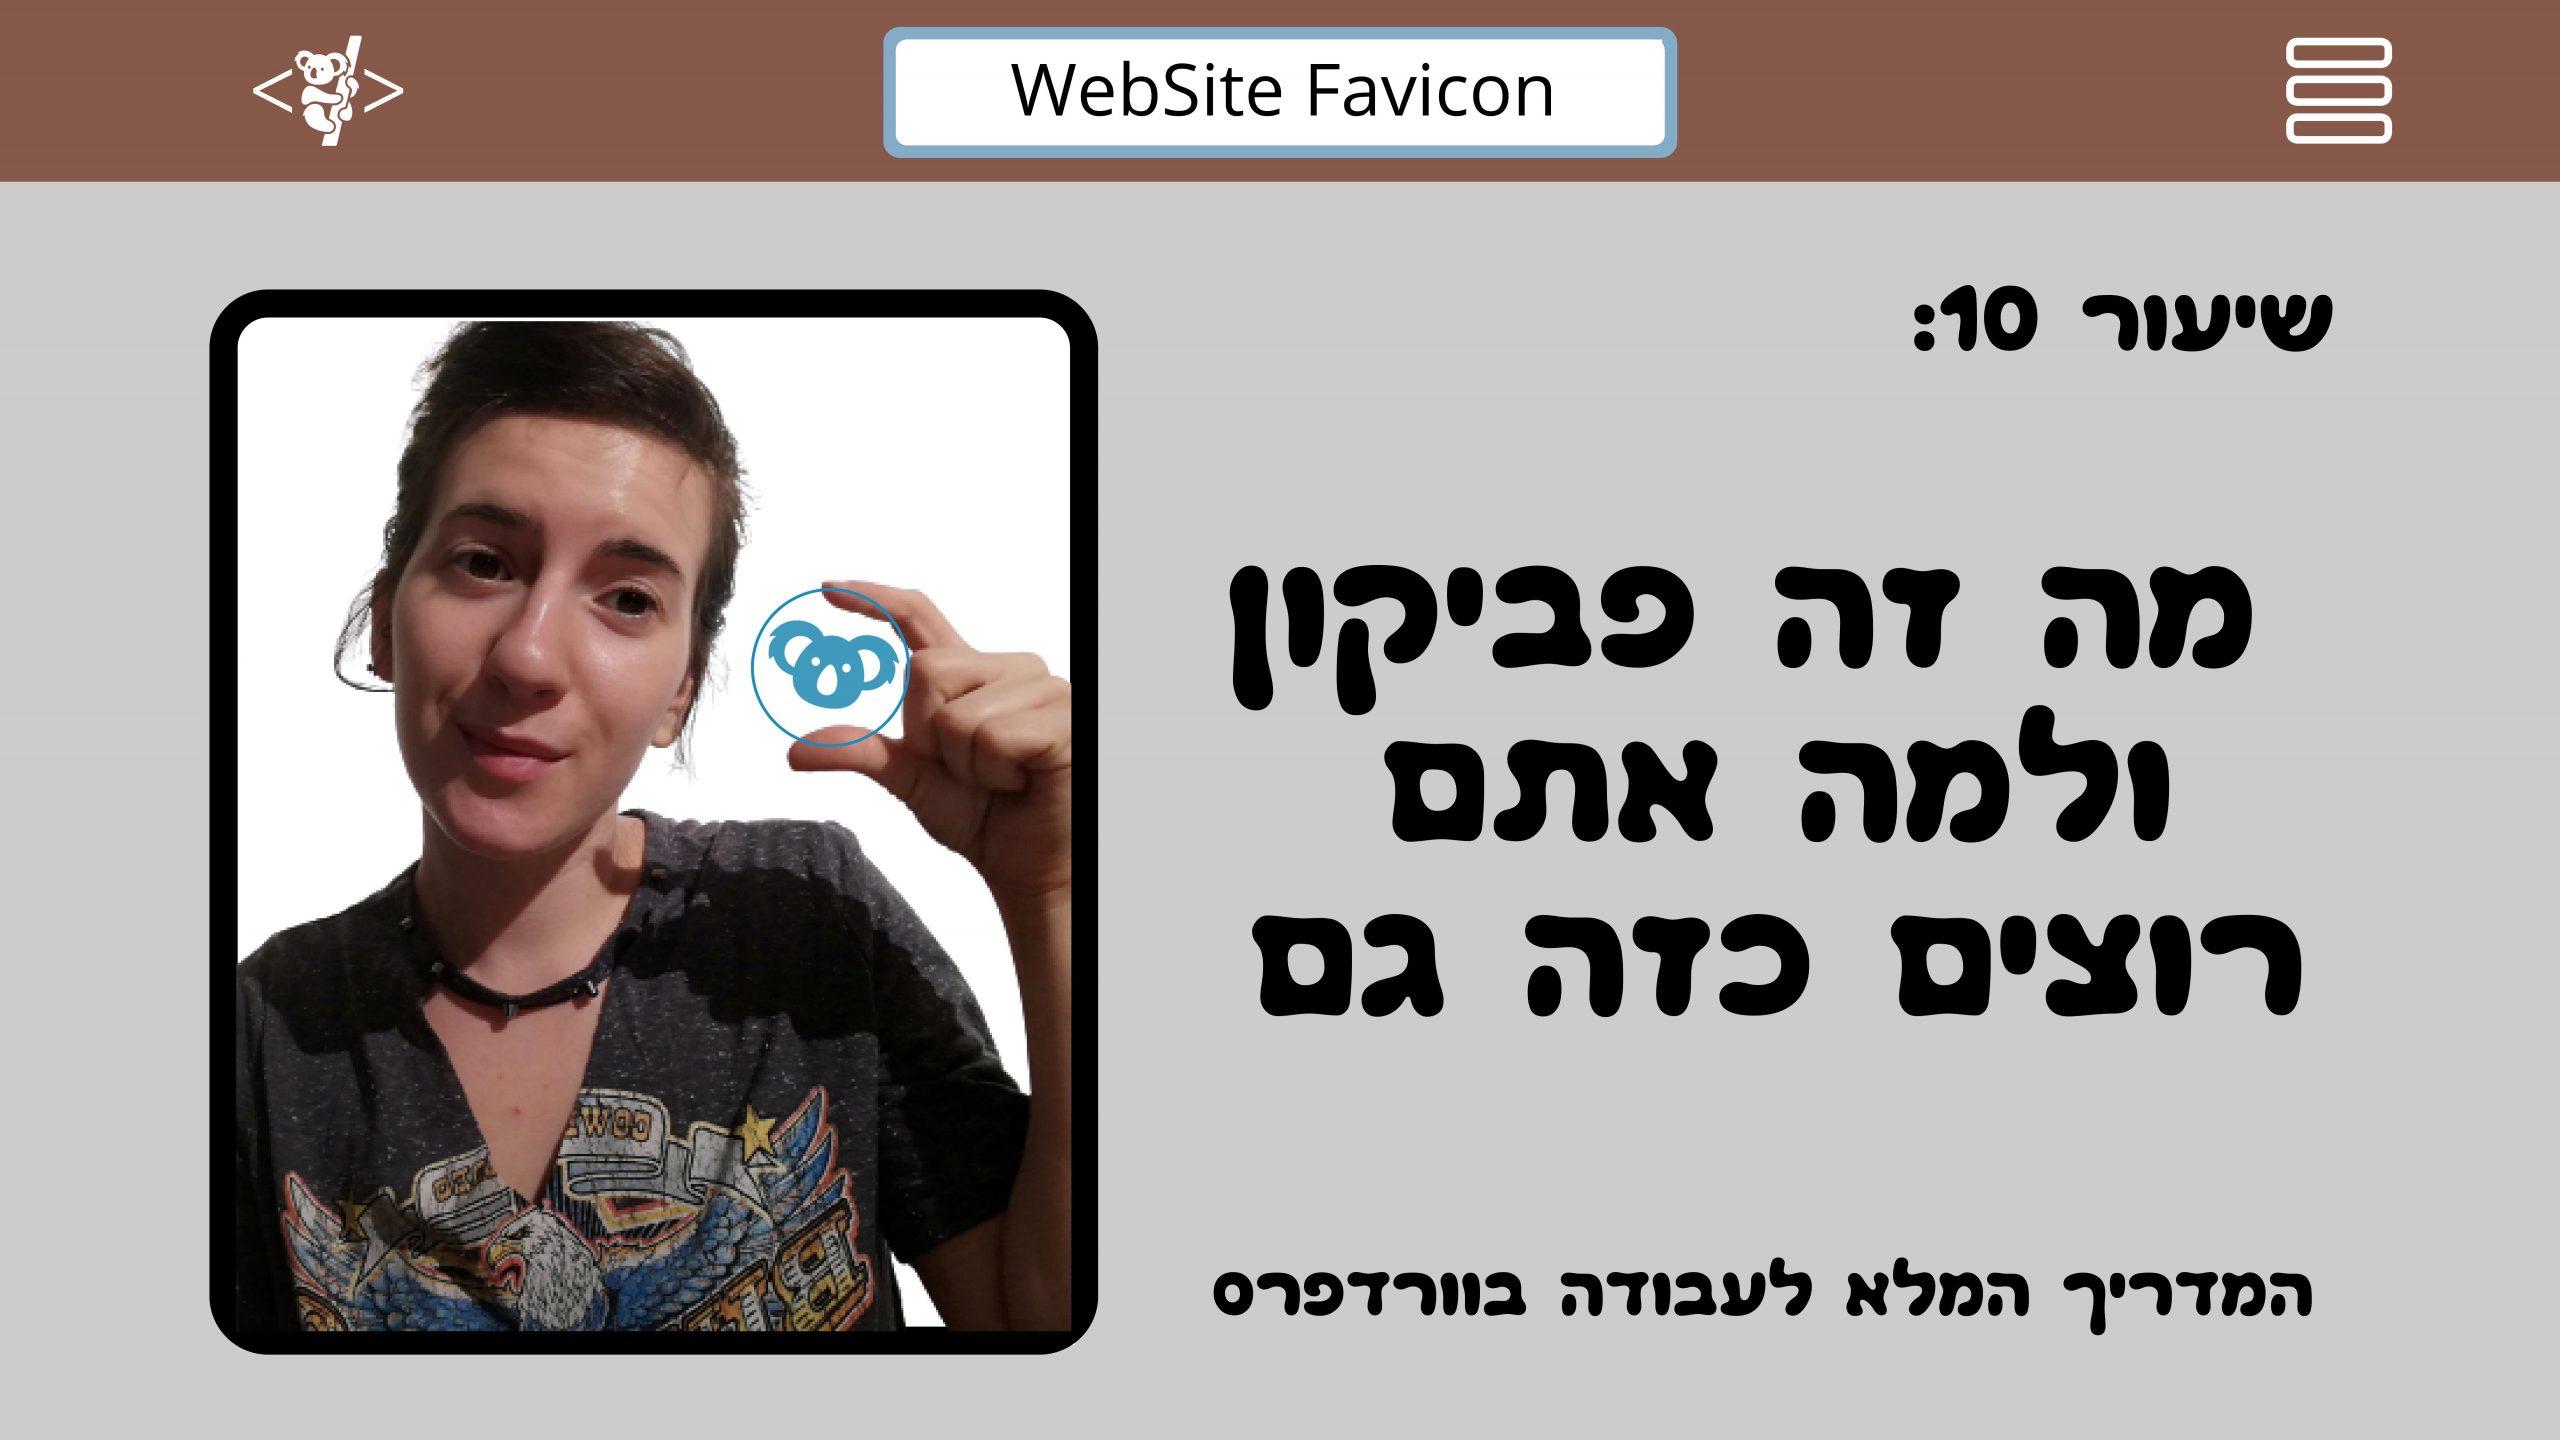 שיר ויצמן, מה זה פביקון - אייקון אתר - favicon, מדריך וורדפרס מתחילים 2020